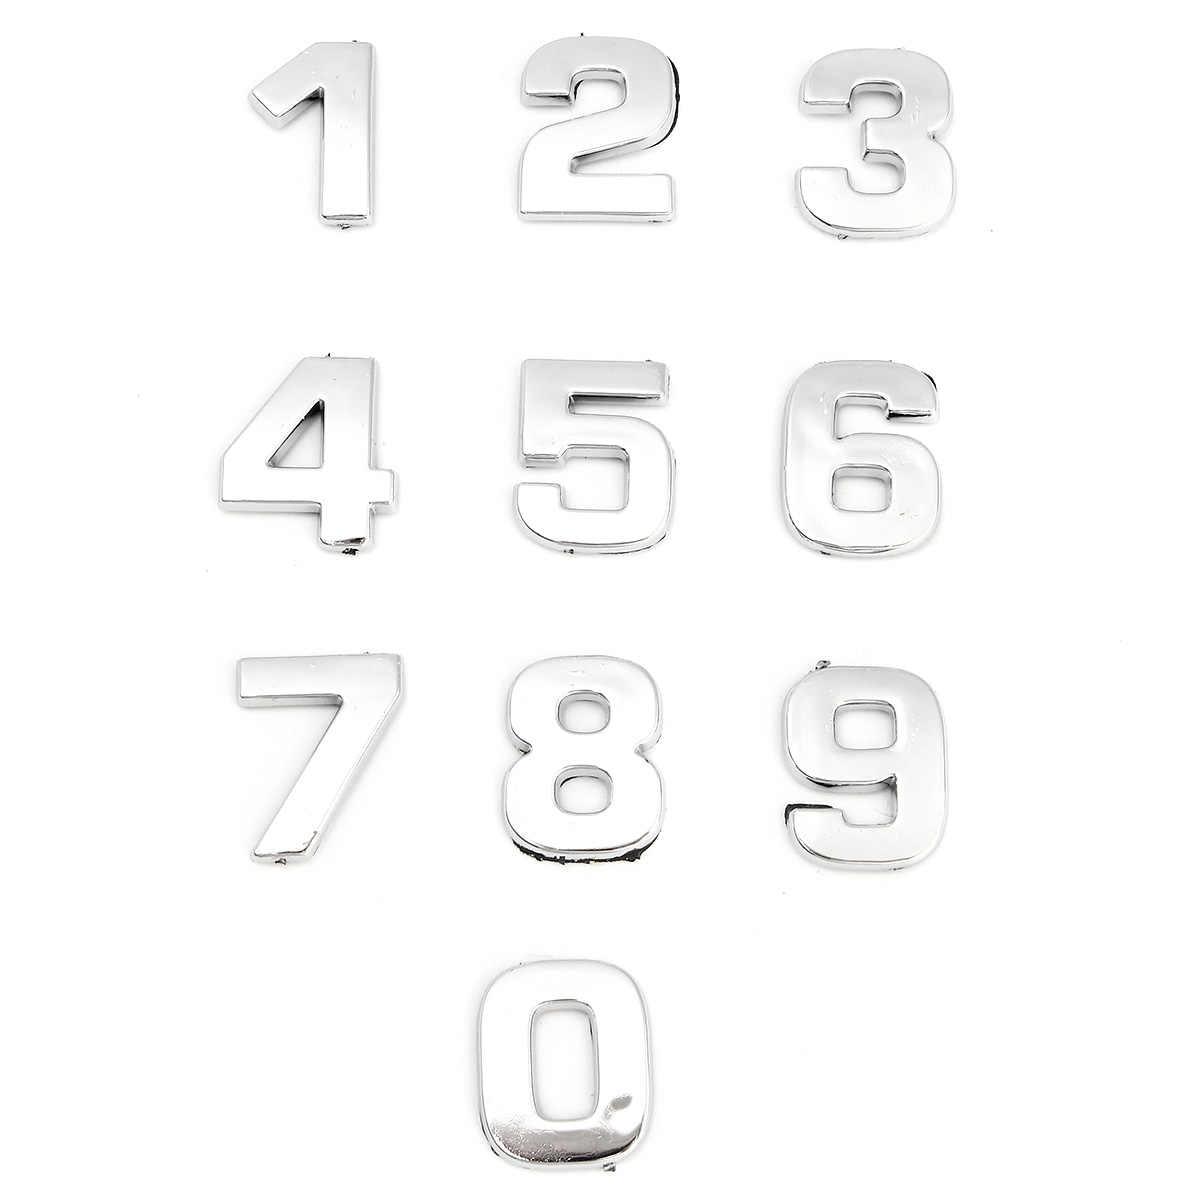 40 قطعة/المجموعة 3D DIY كروم ABS معدنية المعادن الاحرف عدد ملصقات شعار السيارة إلكتروني شارة رمز لصائق السيارات التصميم